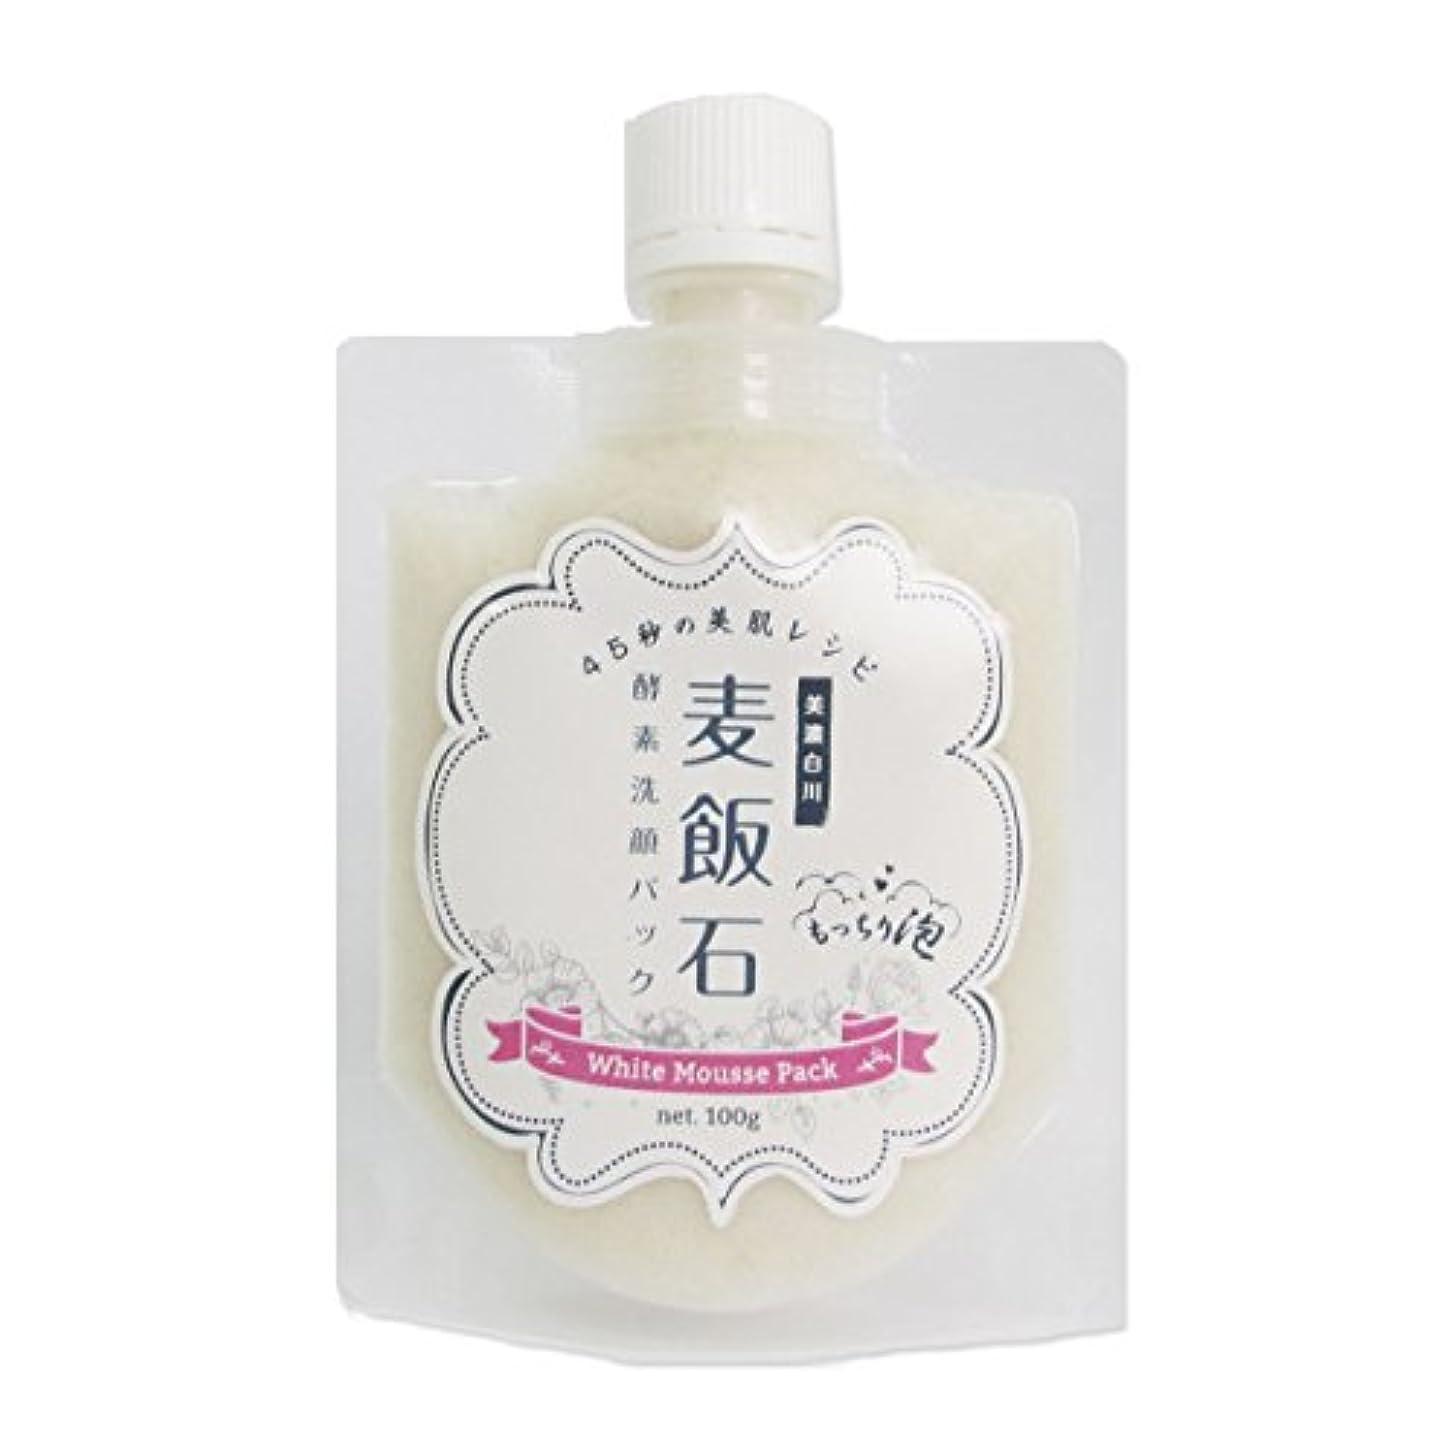 霜剛性実験室シミ 洗顔 泡 洗顔フォーム ホワイトムースパック